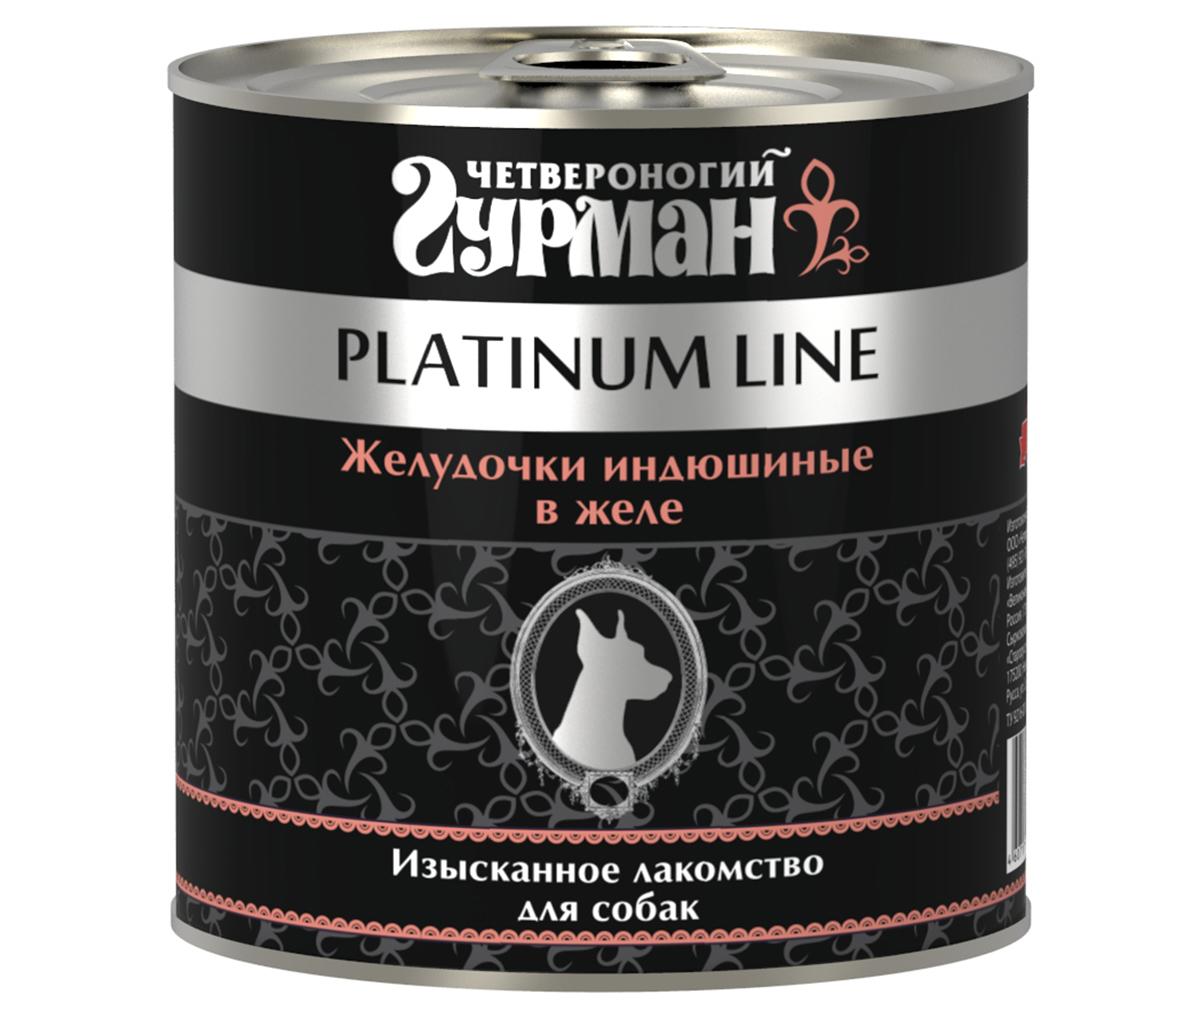 Консервы для собак Четвероногий Гурман, с индюшиными желудочками в желе, 240 г гурман platinum консервированный корм для собак желудочки индюшиные в желе бн 240г